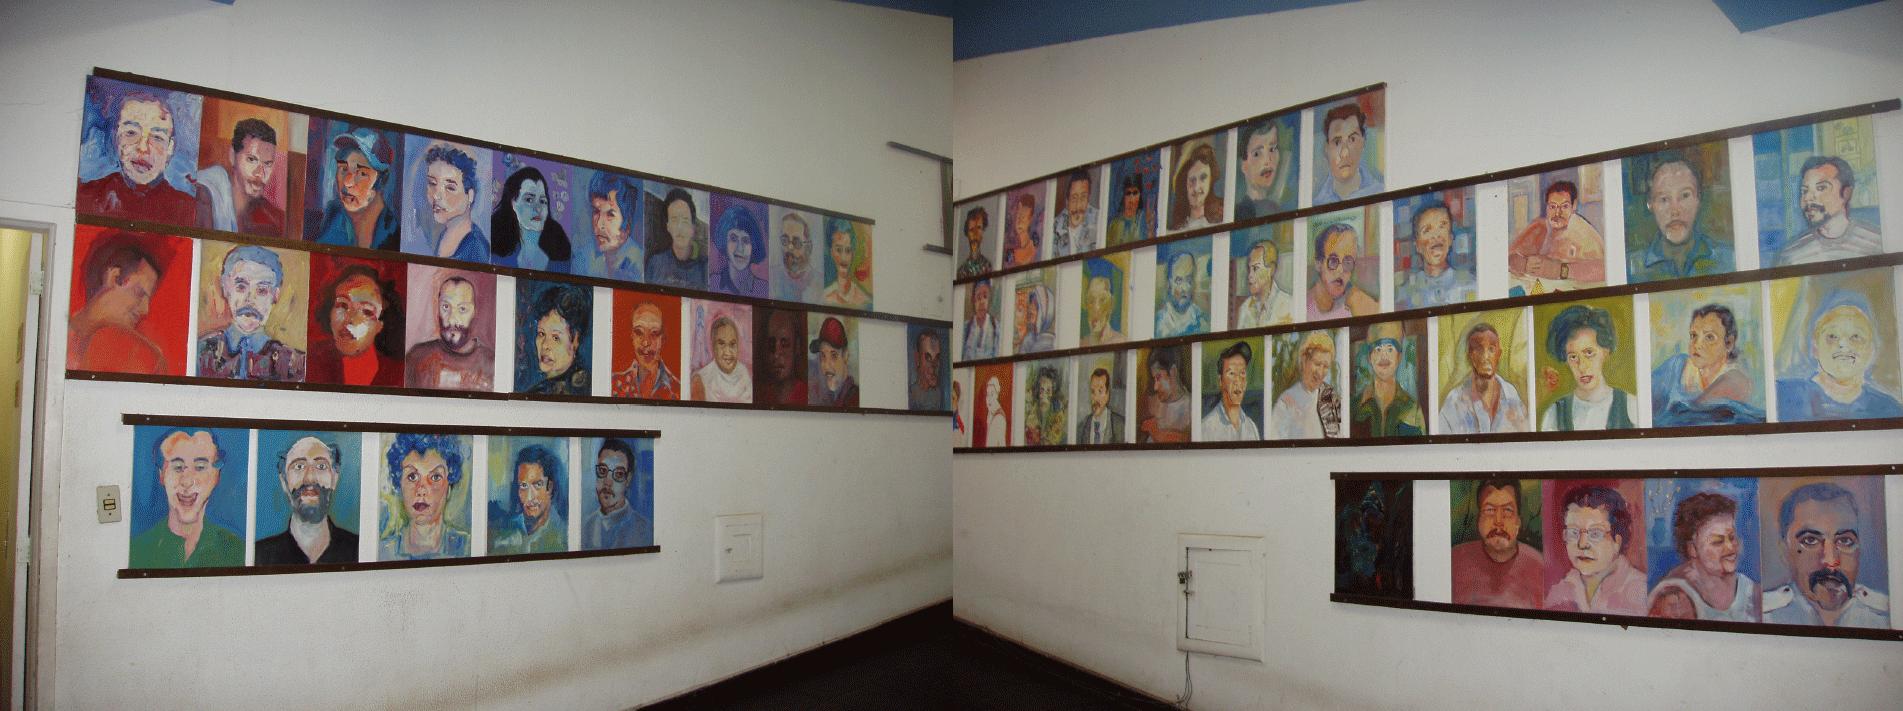 Museo del Inconsciente, Rio de Janeiro, 2005, MD. Atopos.